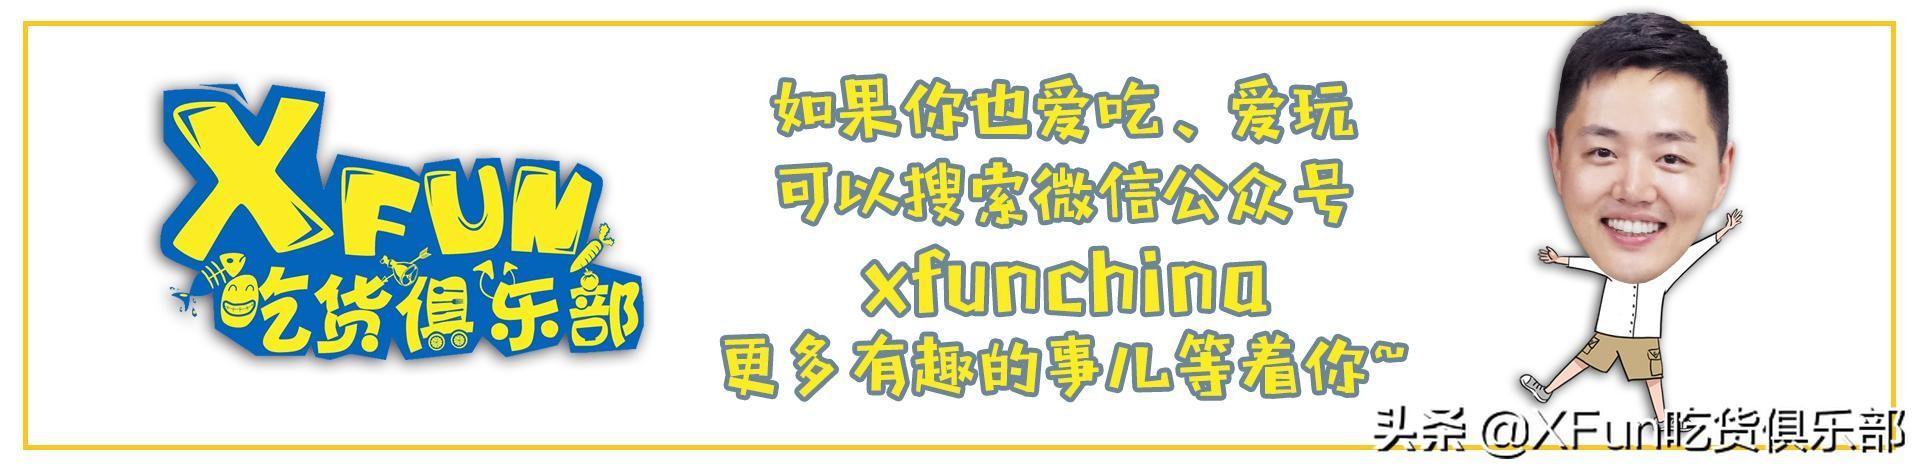 日本首家米其林拉面店!你要试试吗?